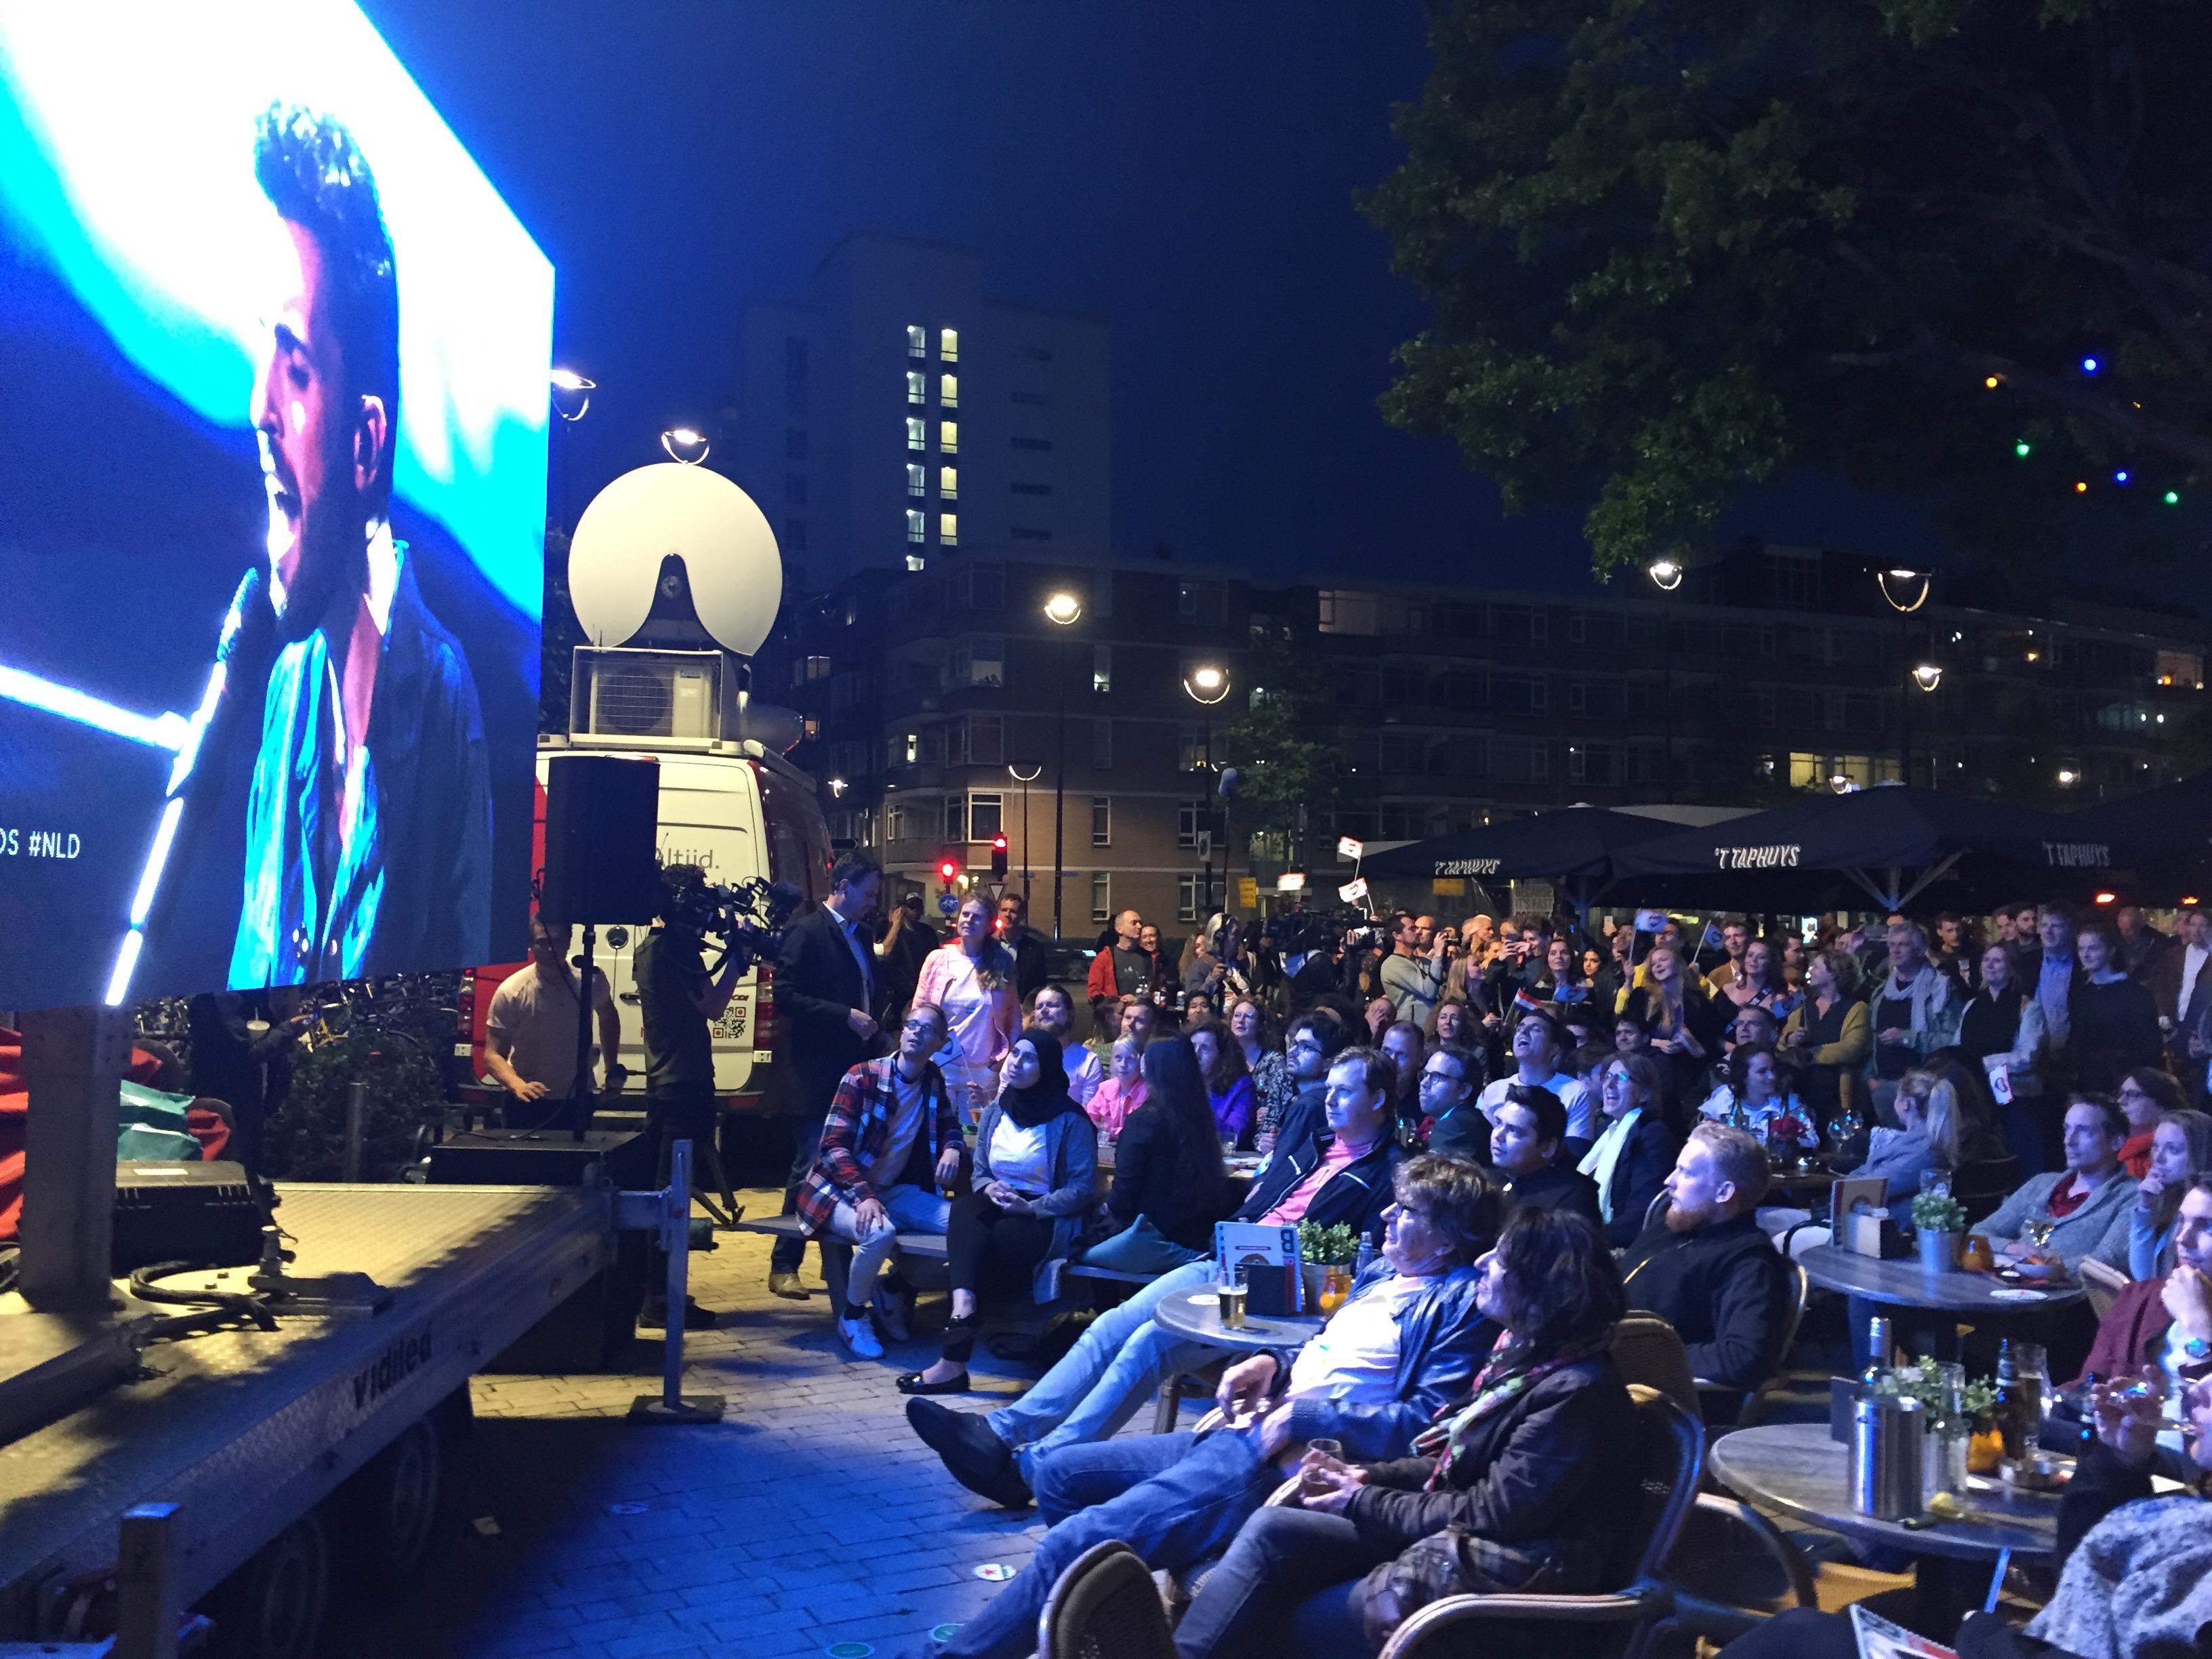 Op het Piusplein in Tilburg wordt in 2019 het optreden gevolgd van de latere winnaar Duncan Laurence.